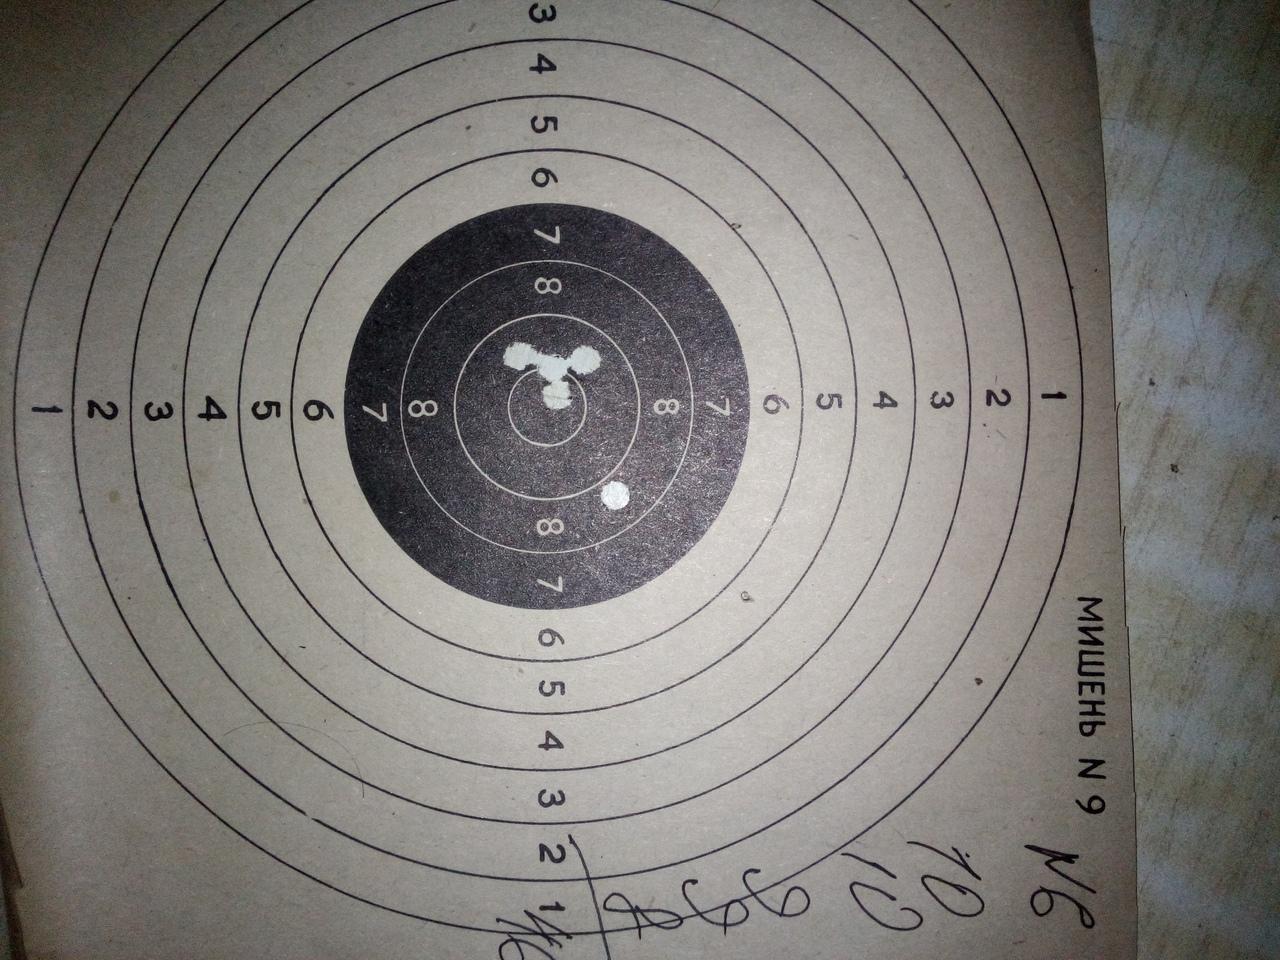 target №6.jpg